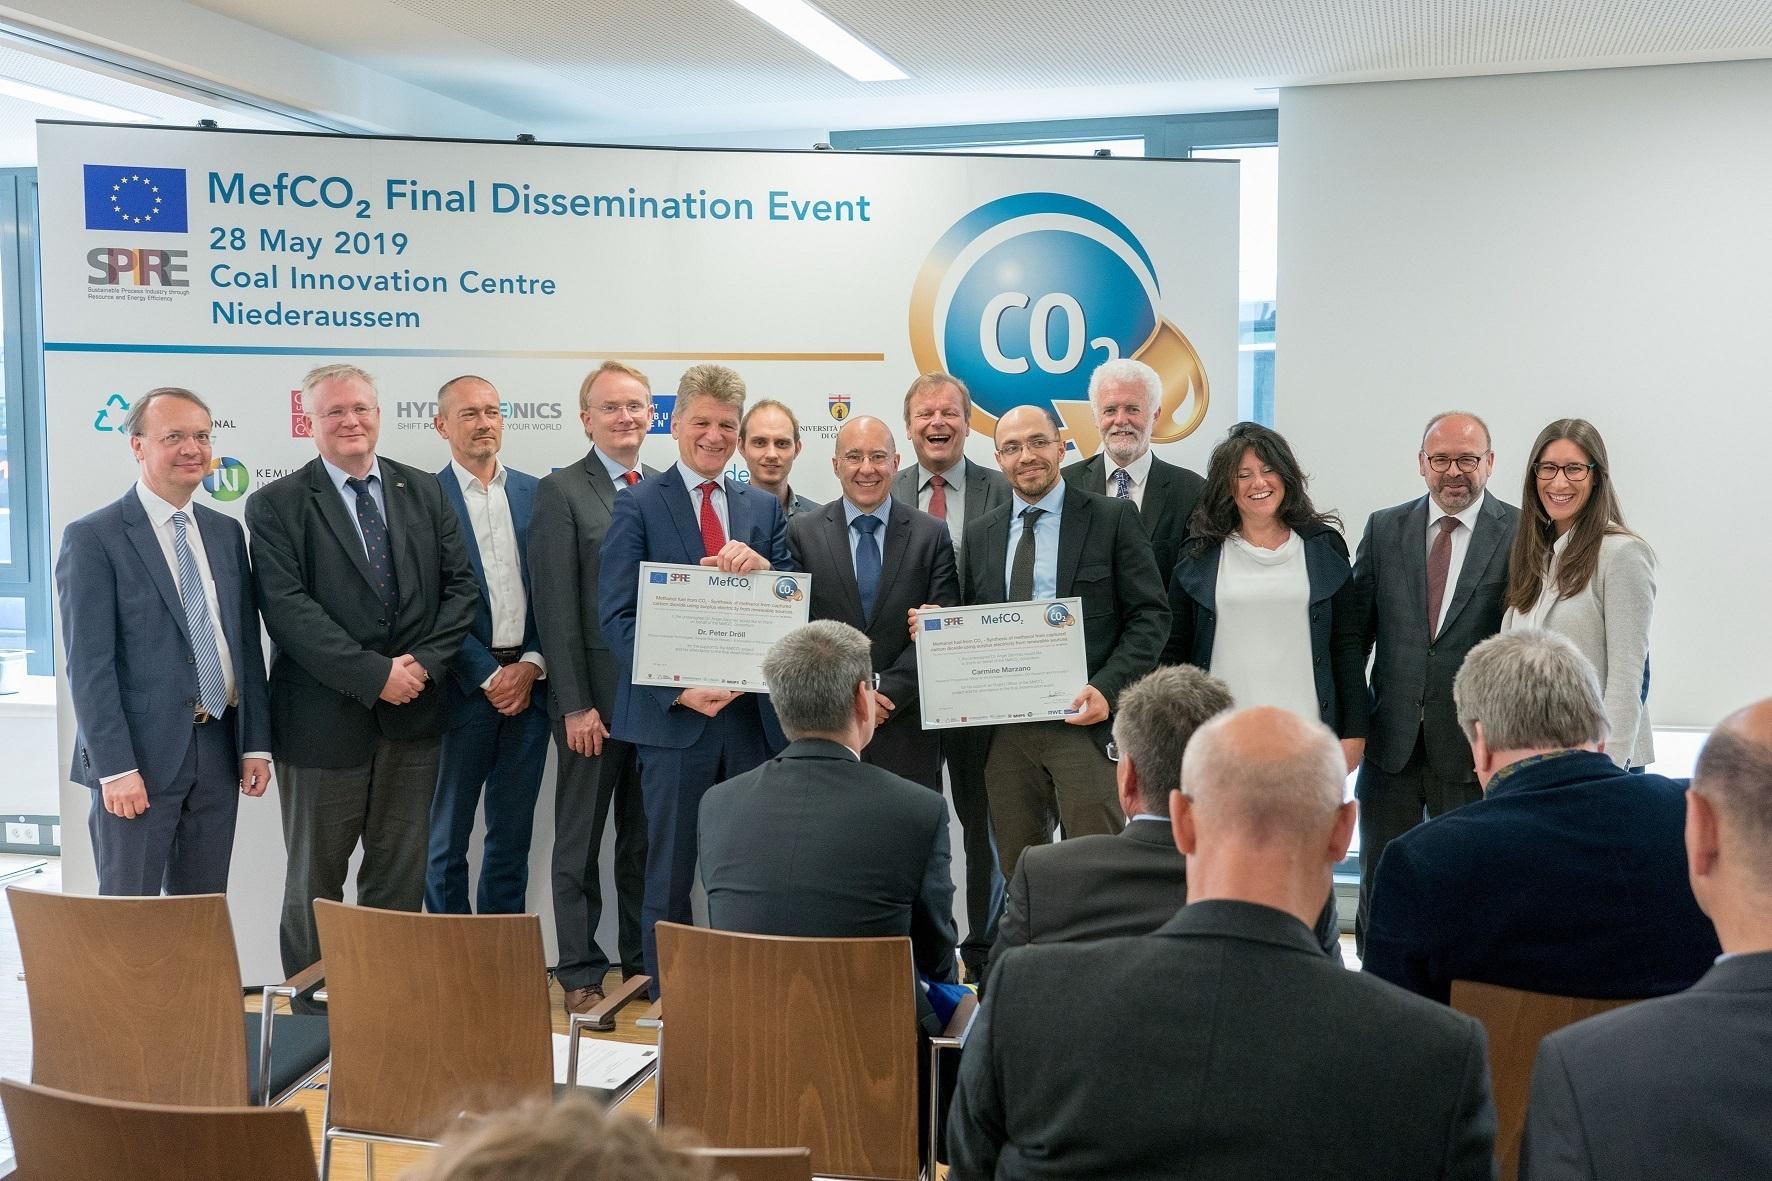 MefCO2 demuestra que es posible producir metanol verde a partir de la captura de CO2